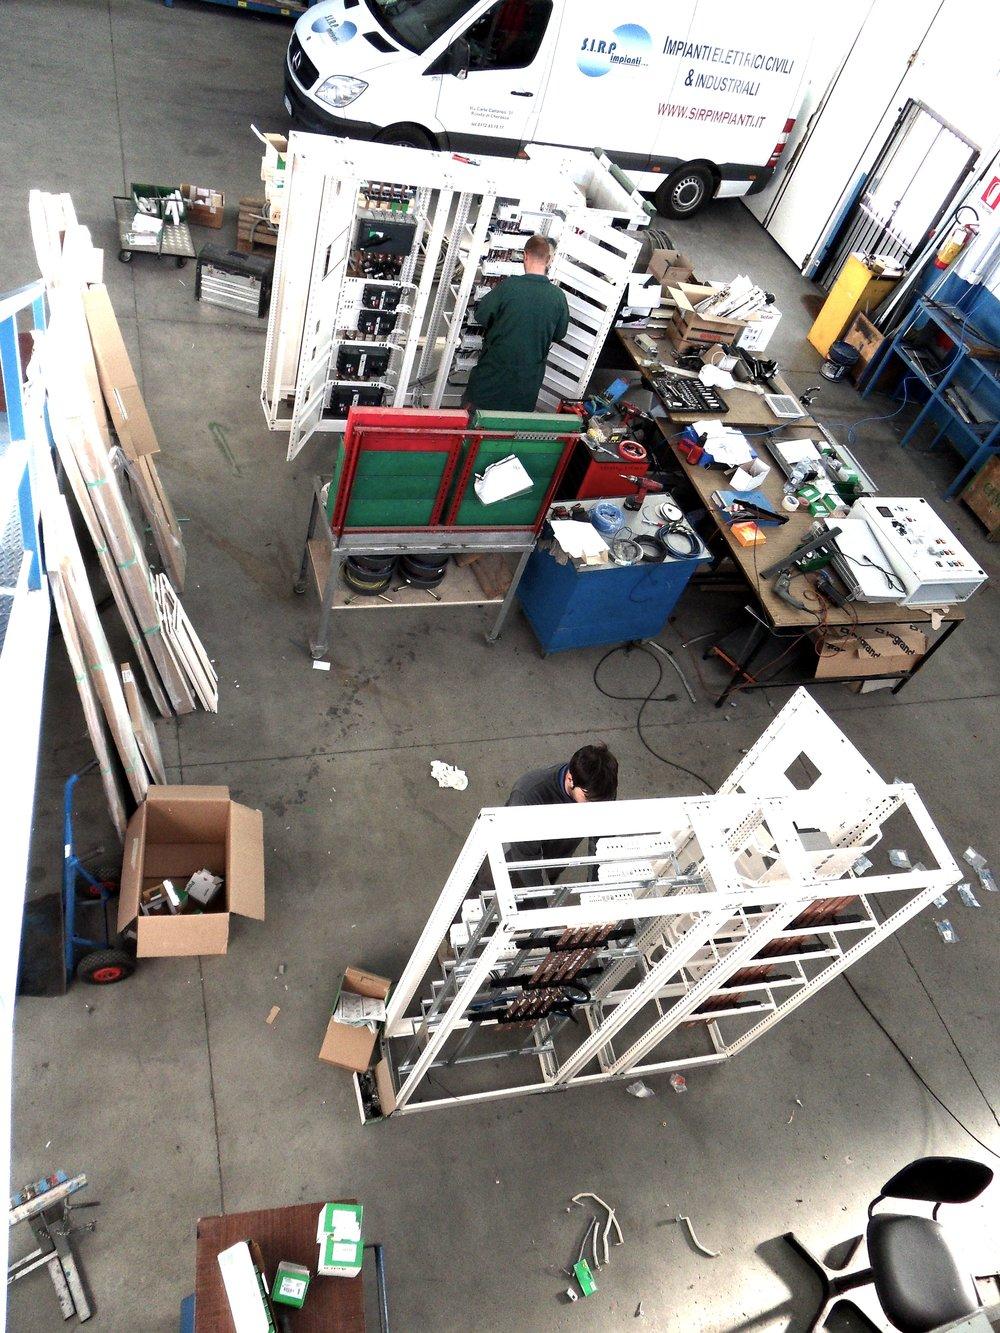 sirp impianti elettrici cuneo cherasco piemonte progettazione installazione manutenzione sistemi elettriciofficina 3.JPG